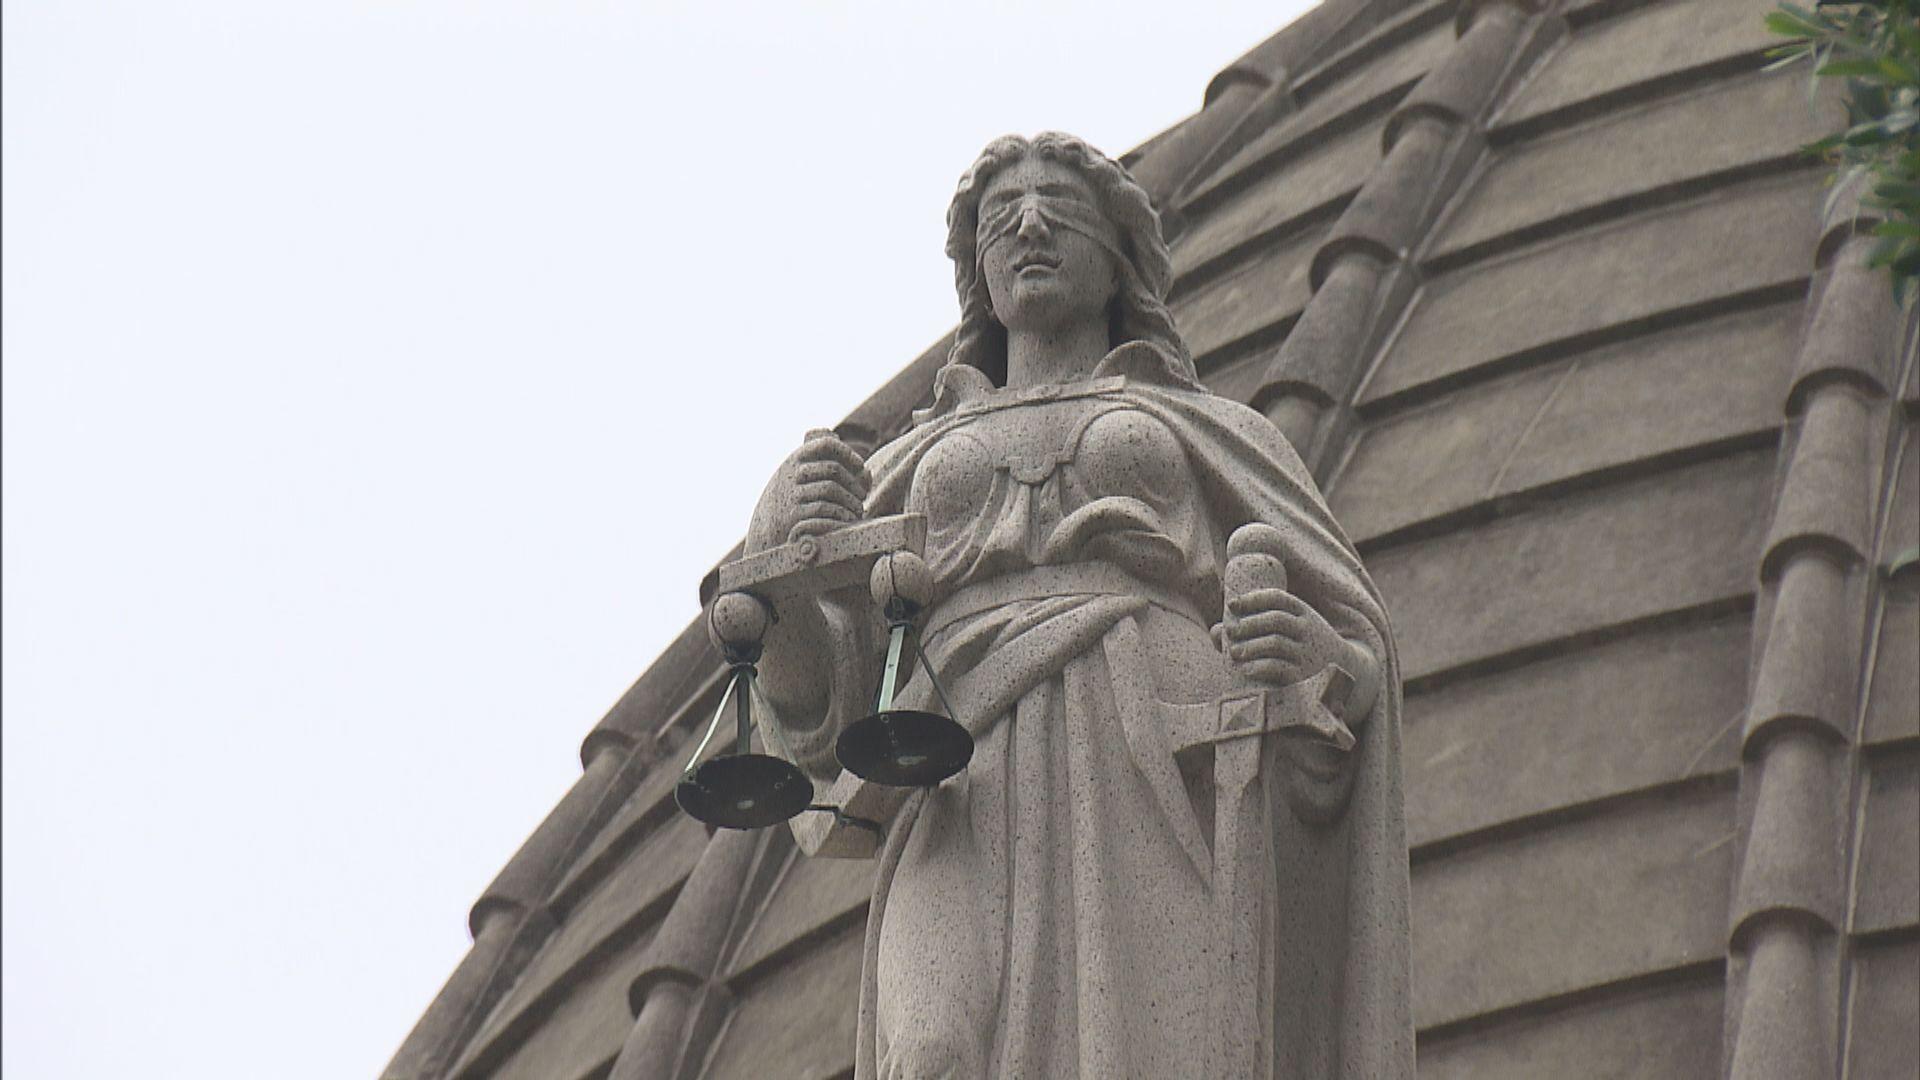 上訴方:非要法庭認可同性婚姻 只為判斷差別待遇是否合理